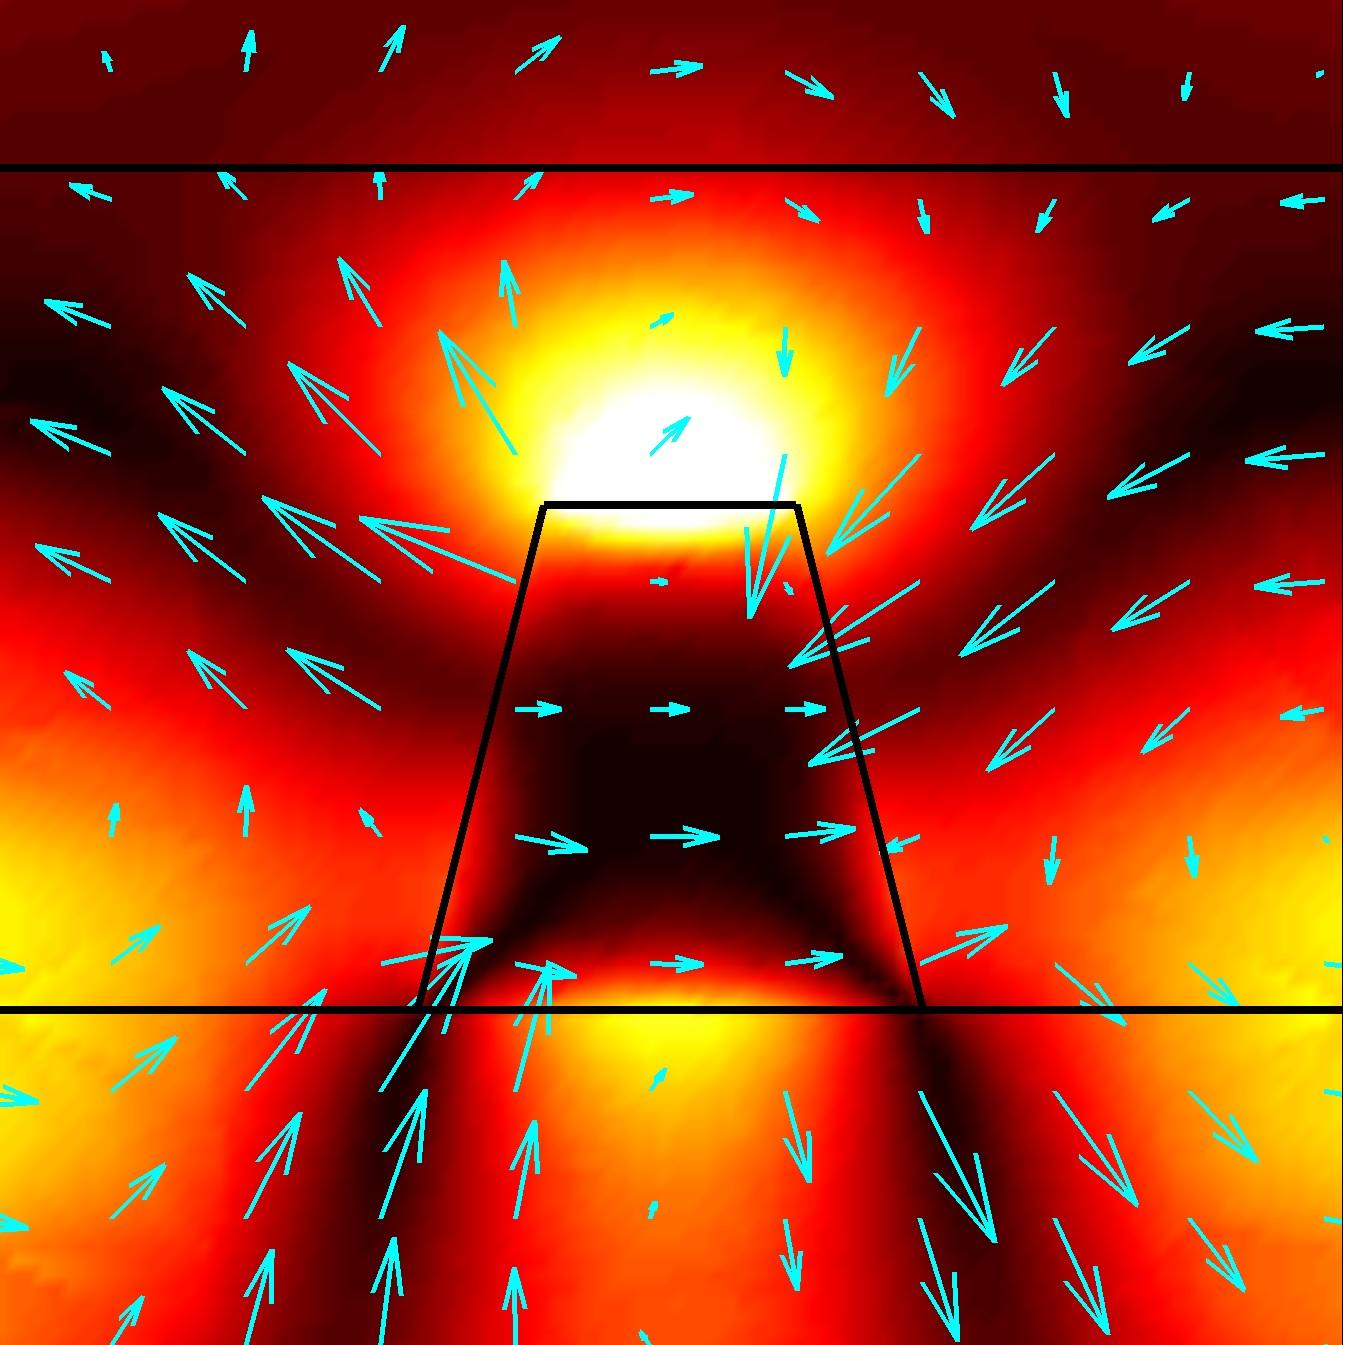 Nanopyramids